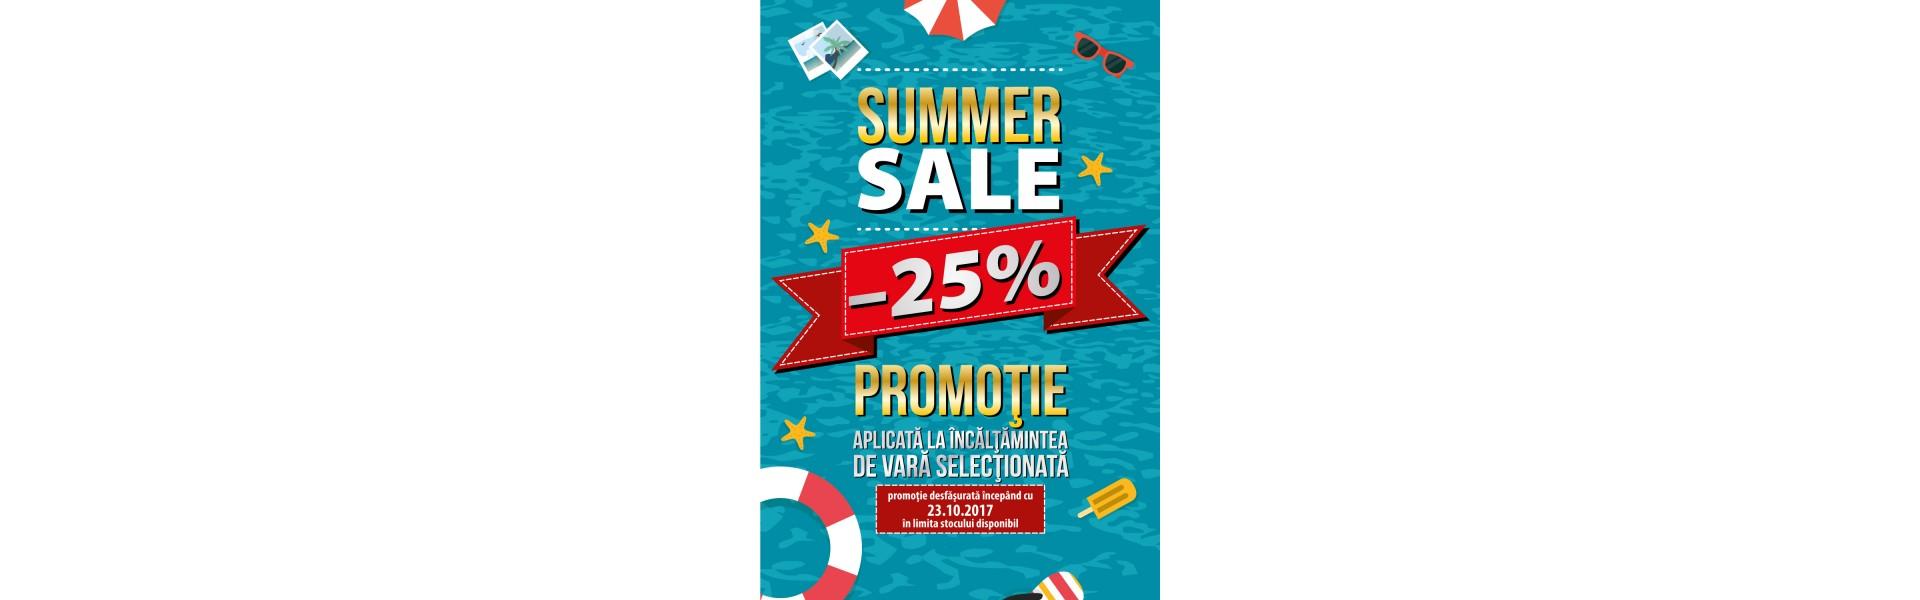 Summer Sale -25%